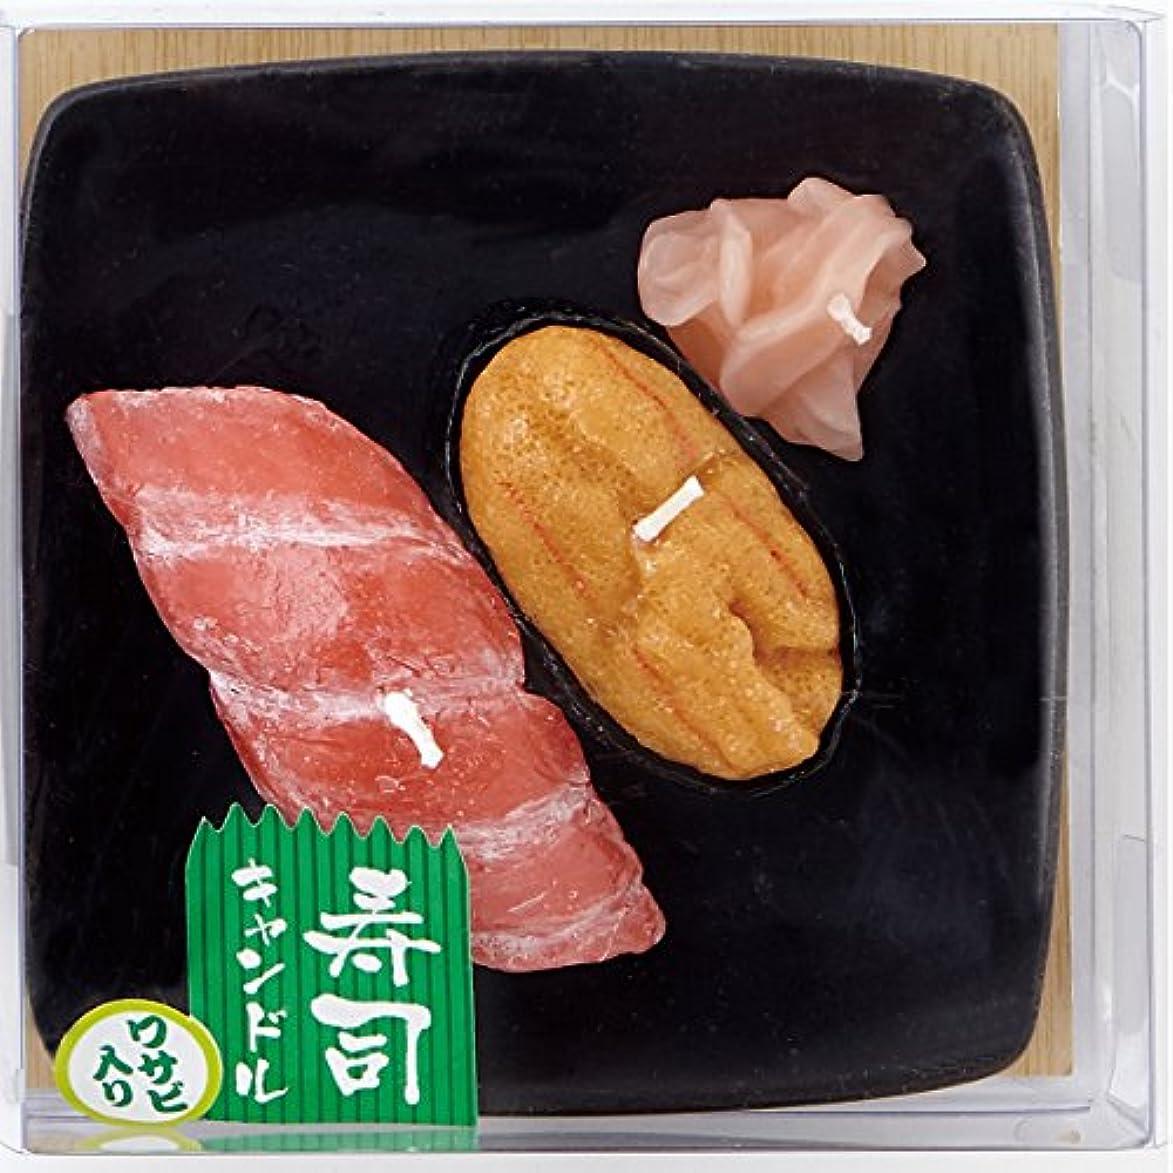 外向き装備するマイル寿司キャンドル C(ウニ?大トロ) サビ入